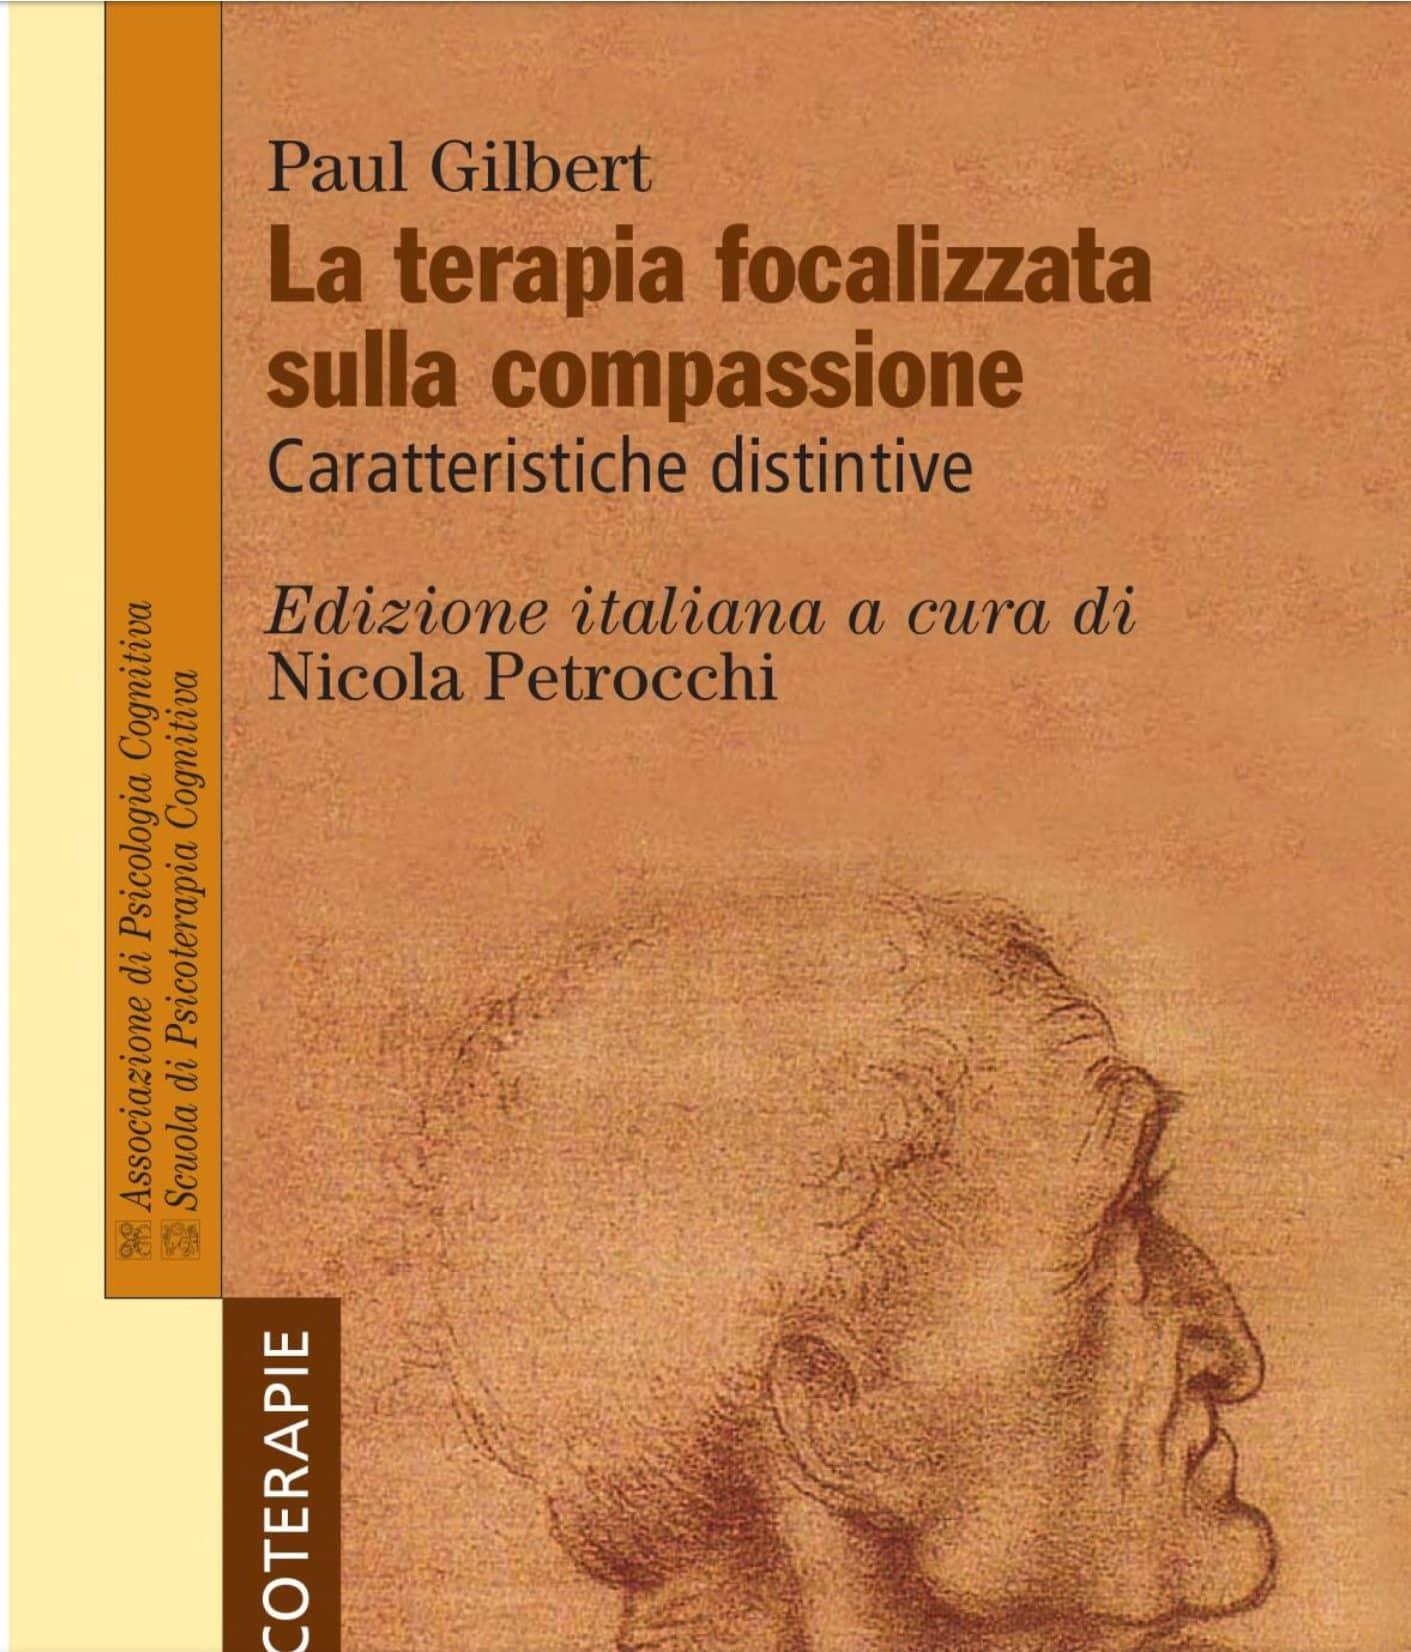 La terapia focalizzata sulla compassione. Caratteristiche distintive (2018) di P. Gilbert – Recensione del libro